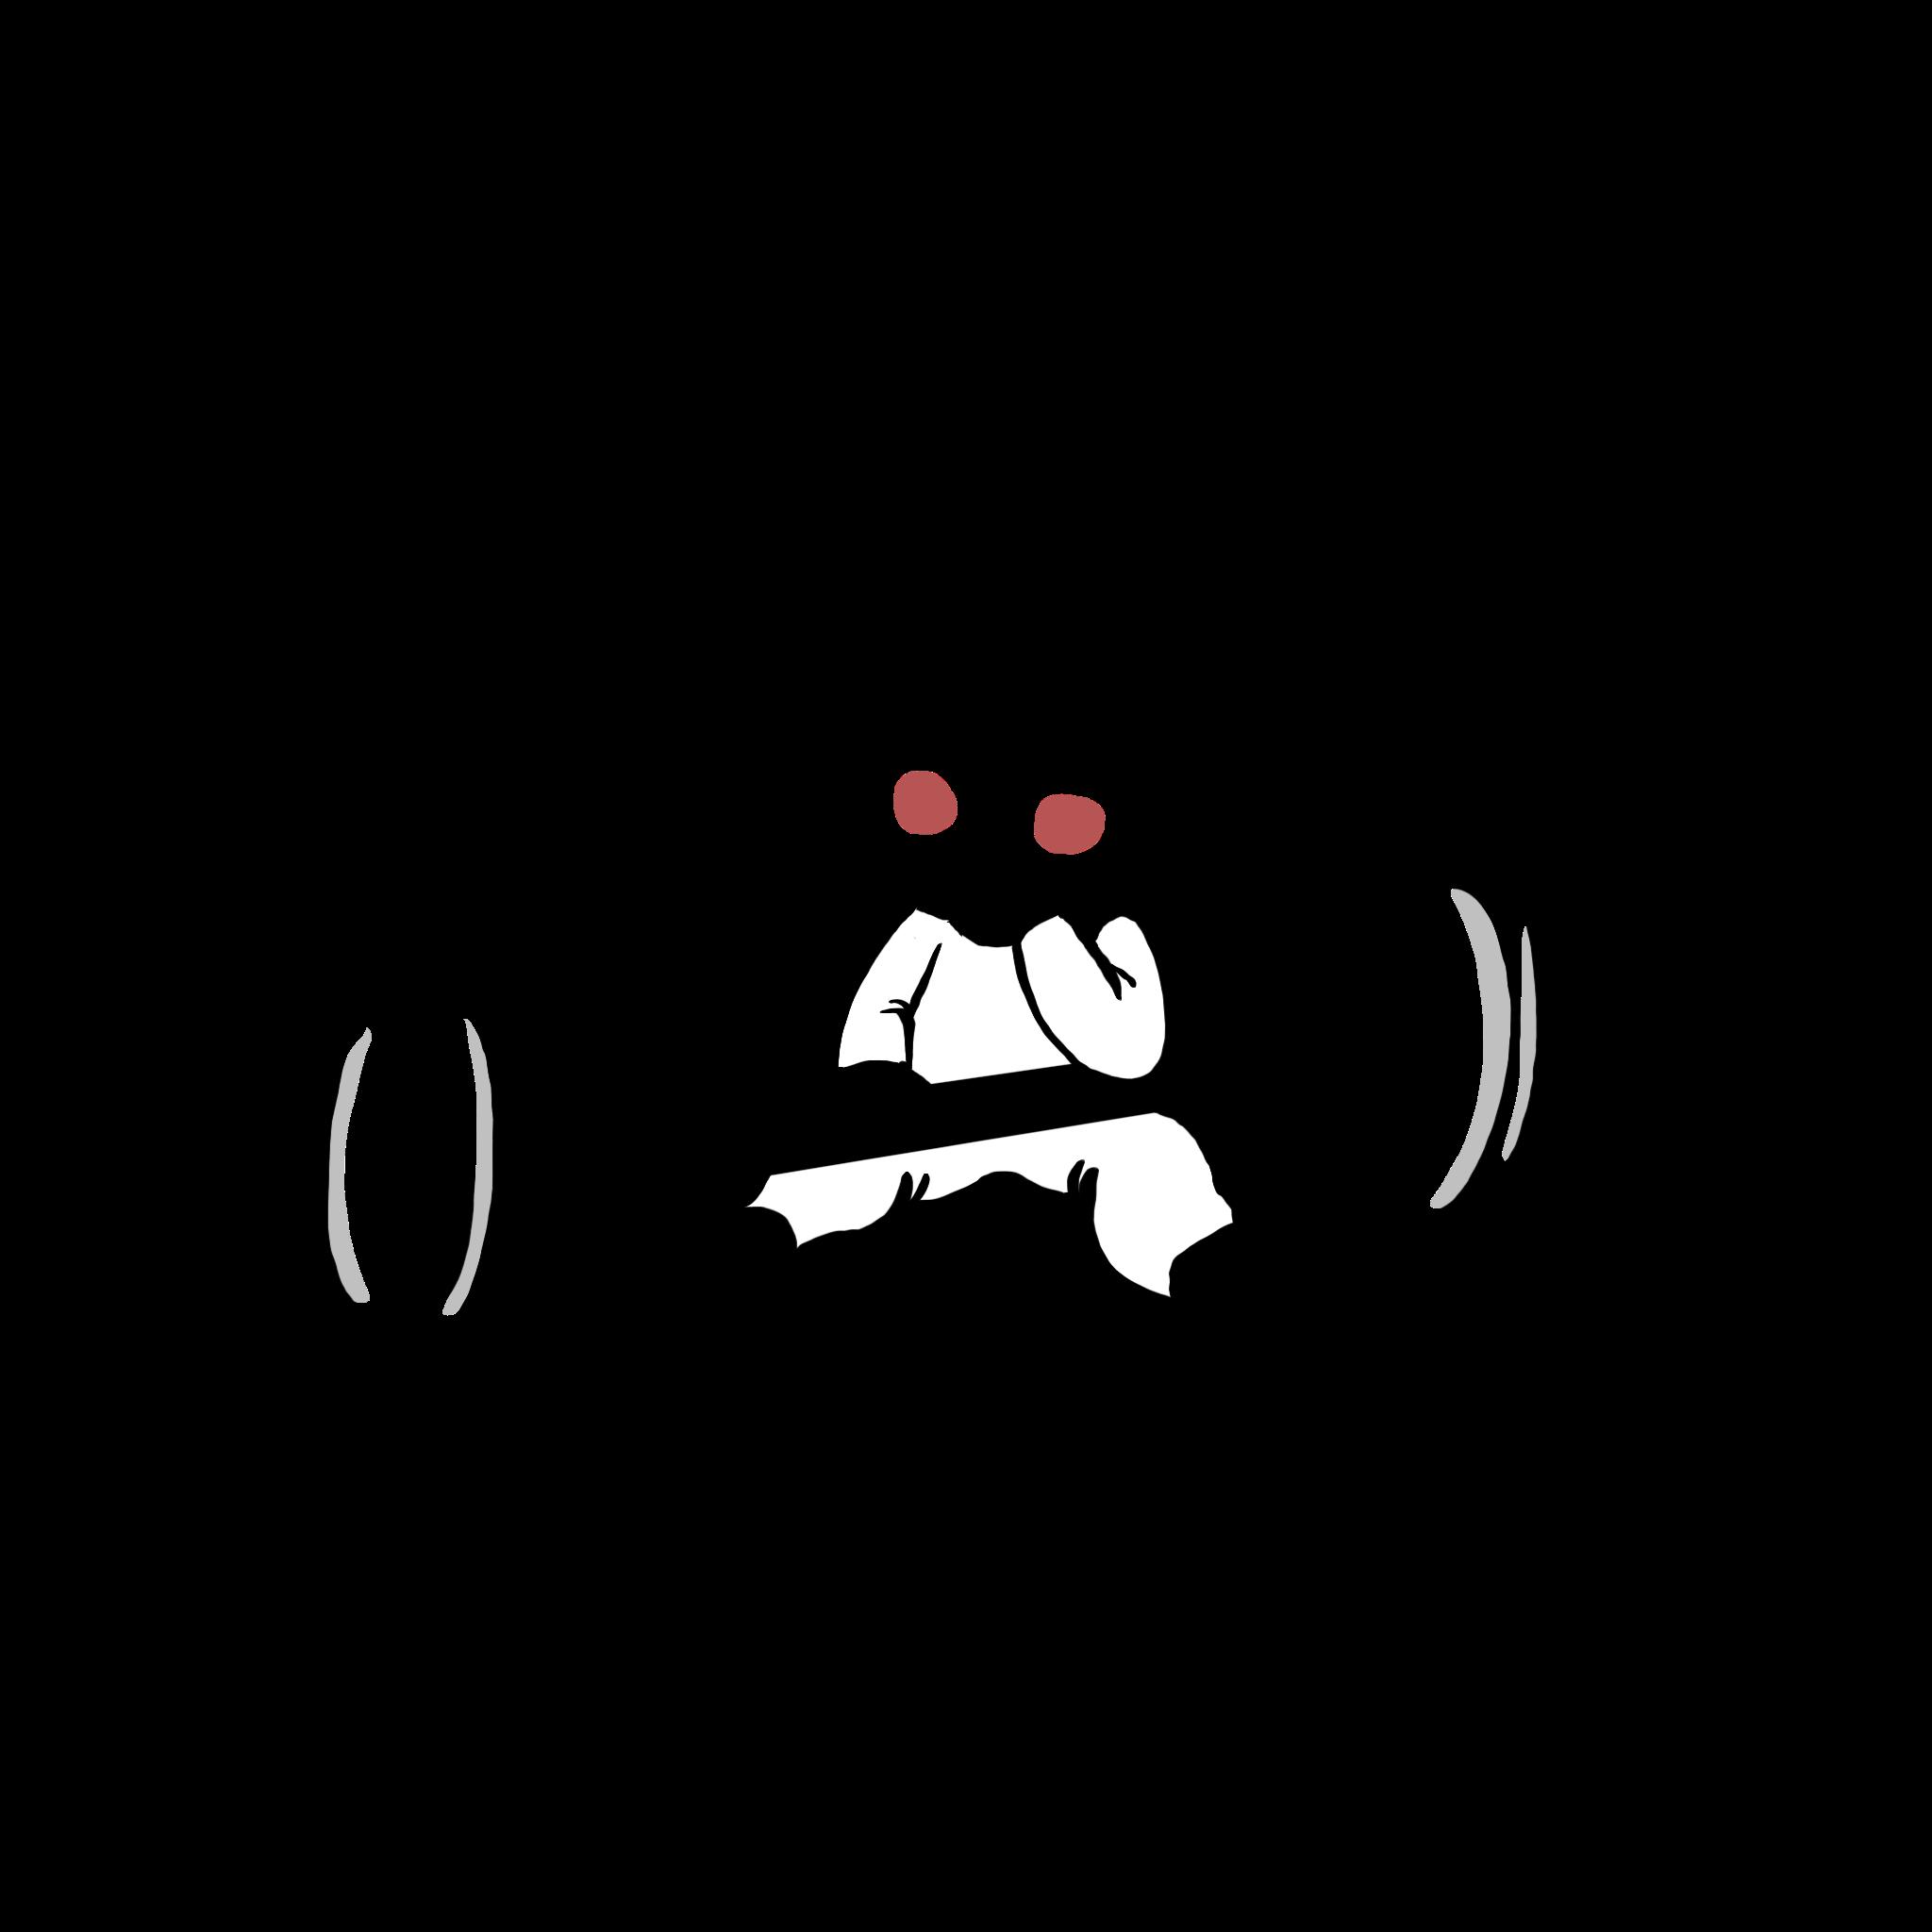 Träning3-kroppen-ock-lärandet-illustration-maja-larsson